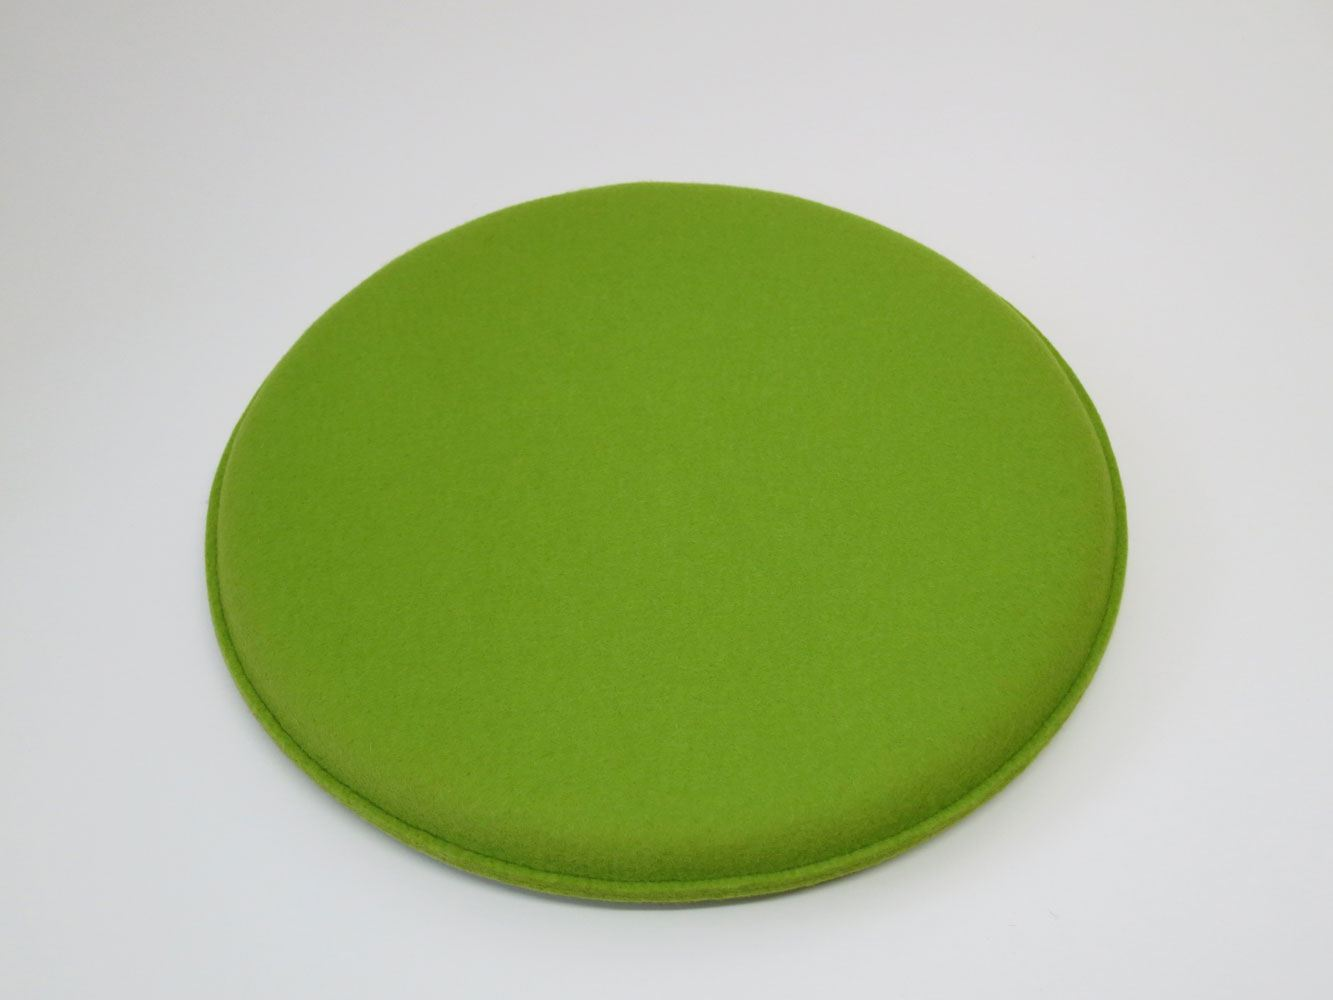 runde sitzkissen aus wollfilz d 40 cm in vielen farben von kl pfer. Black Bedroom Furniture Sets. Home Design Ideas